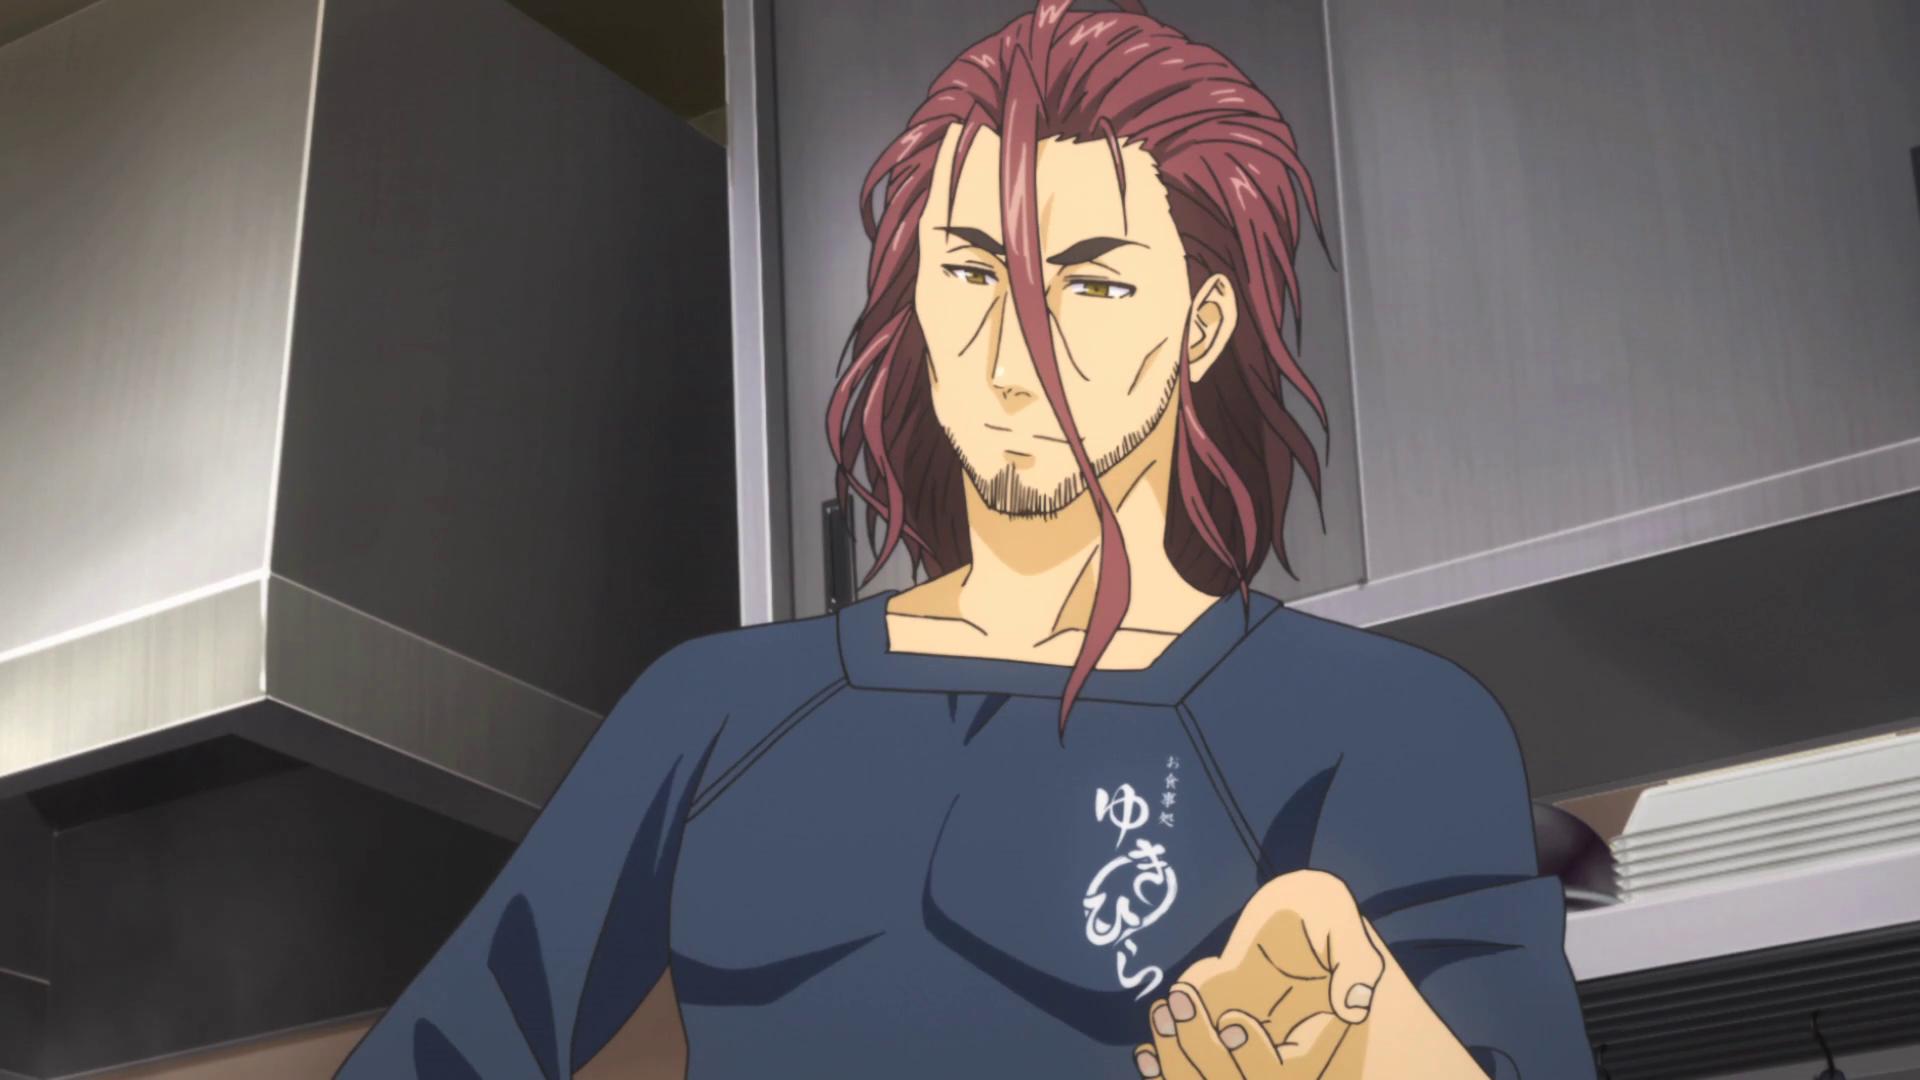 MBTI enneagram type of Joichiro Yukihira